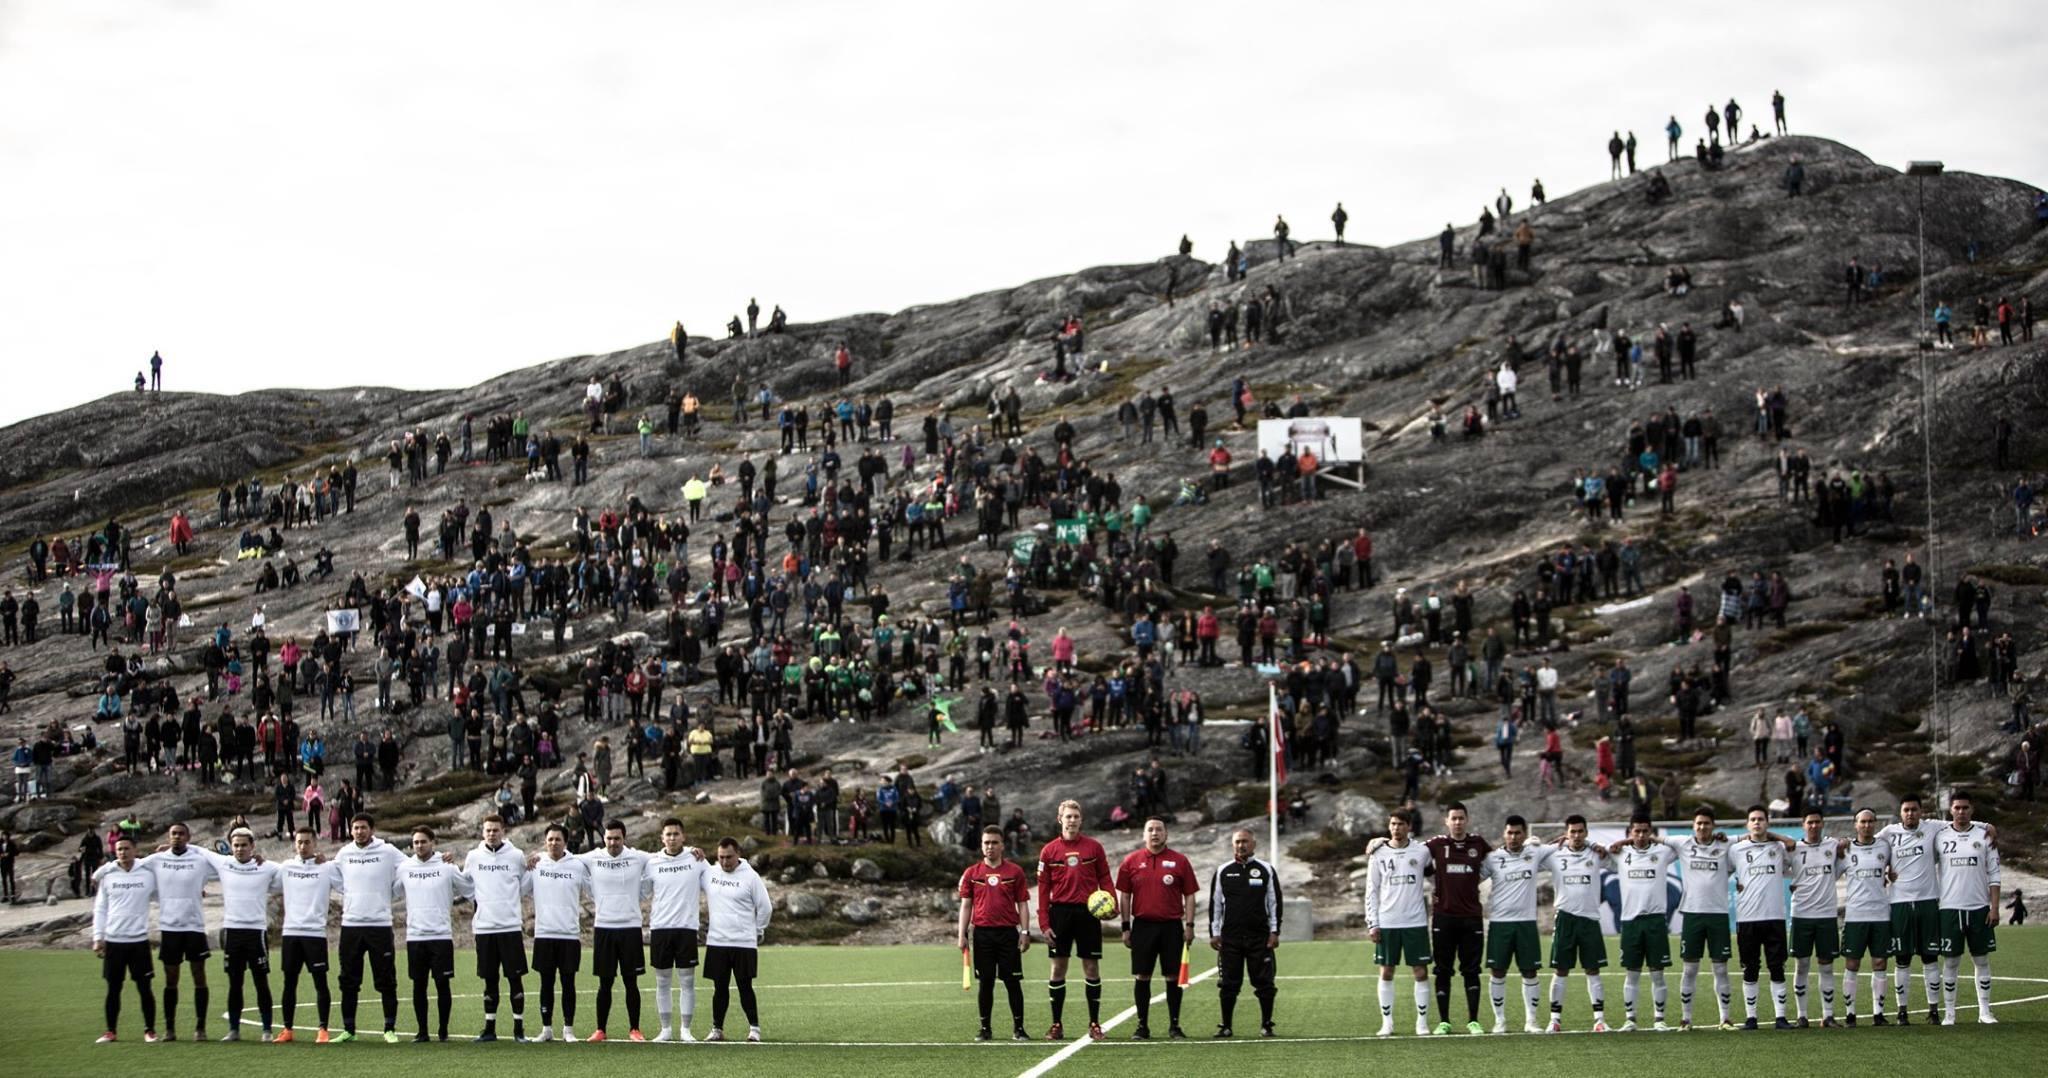 Самое короткое футбольное соревнование в мире: в Гренландии сезон длится одну неделю (+Фото, Видео) - изображение 29